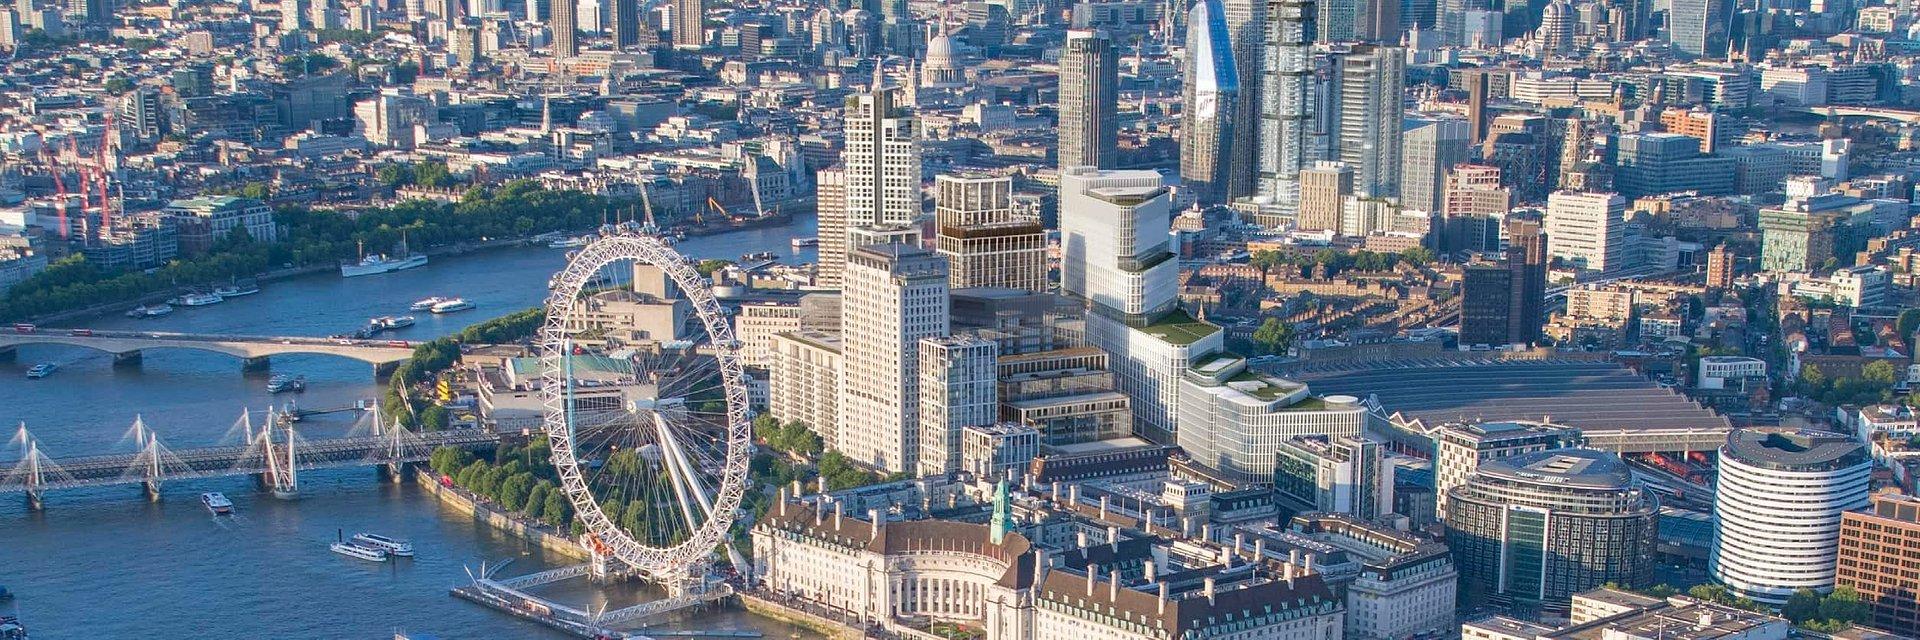 Bitte sehr: unsere richtungsweisenden Pläne für One Waterloo